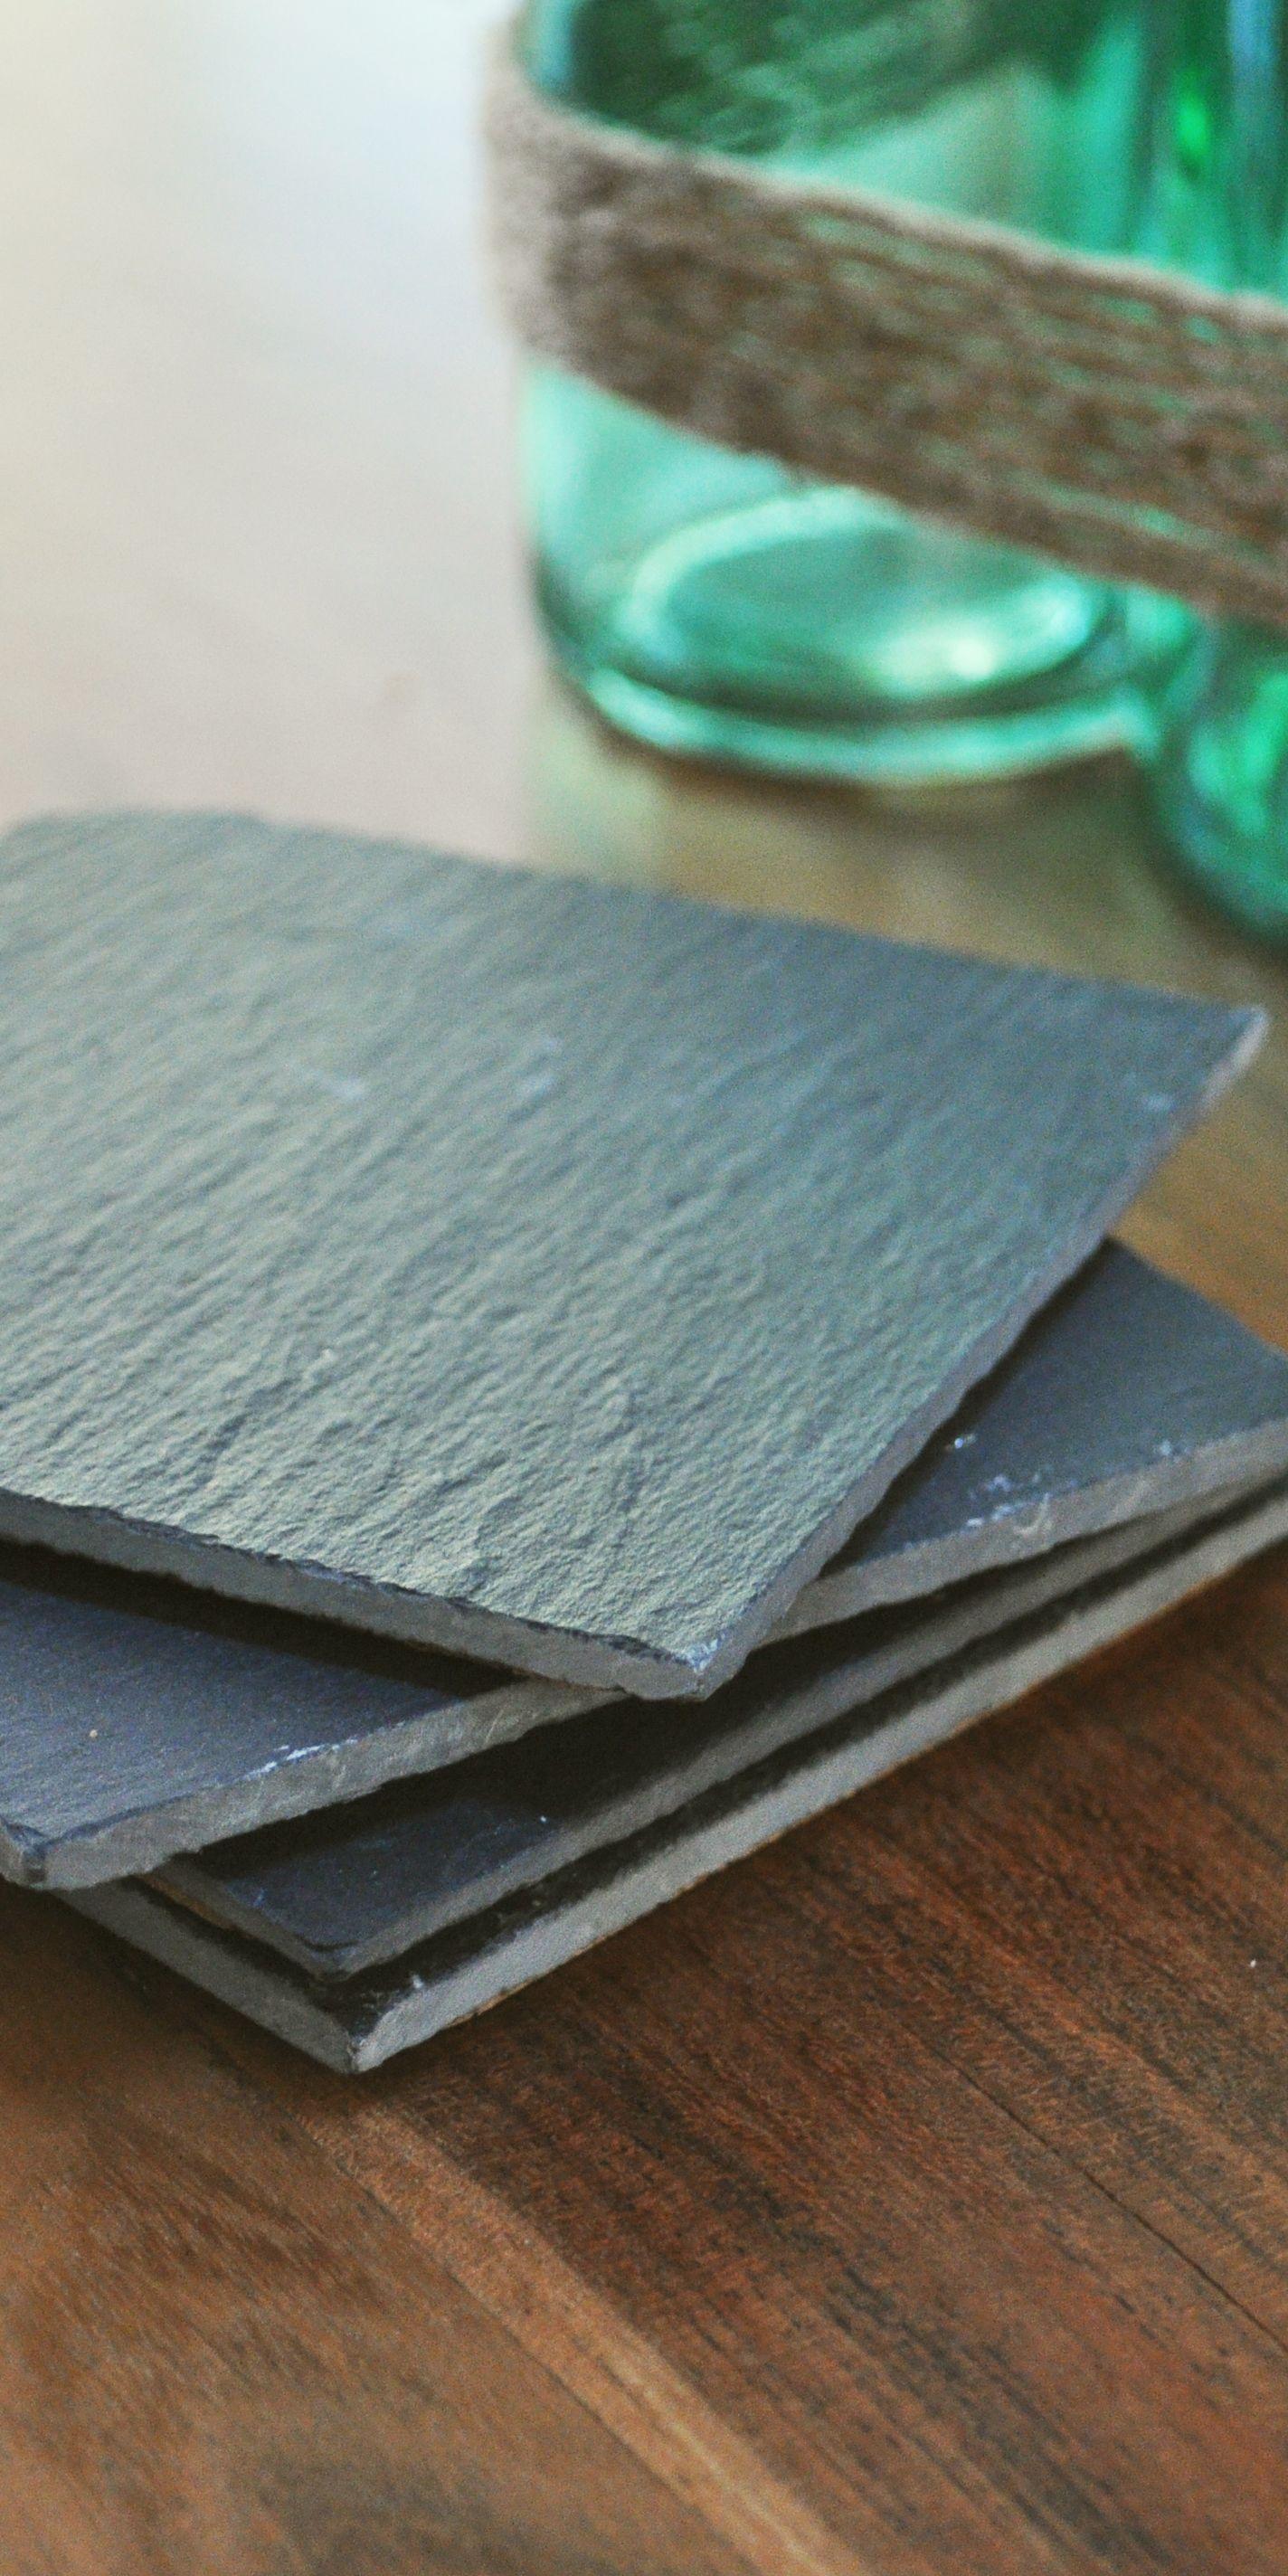 Slate Stone Coasters with Absorbent Cork Bottom | Slate coasters and ...